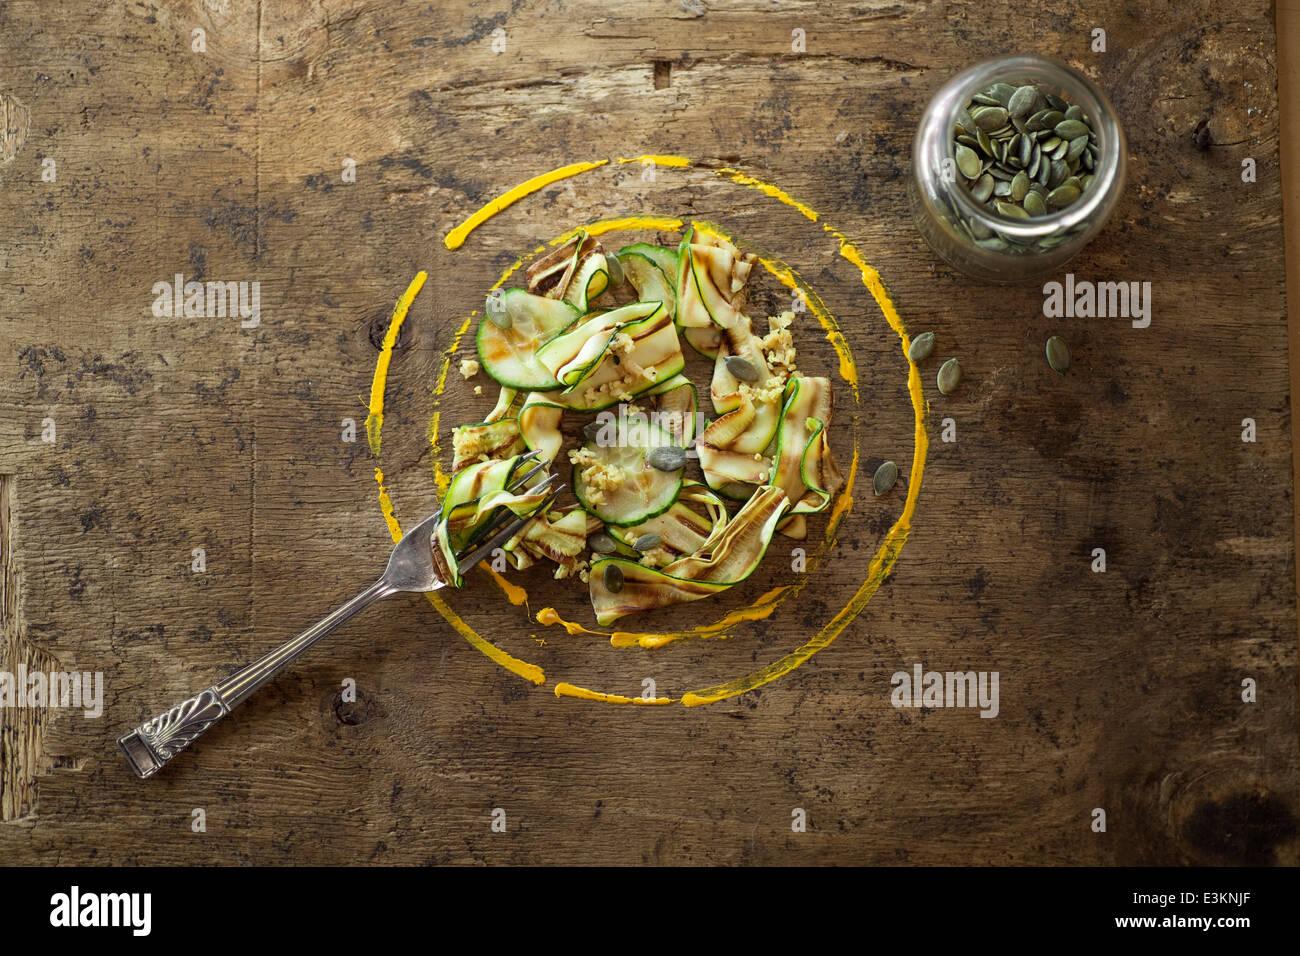 Cinta de calabacín ensalada con semillas de calabaza. Imagen De Stock